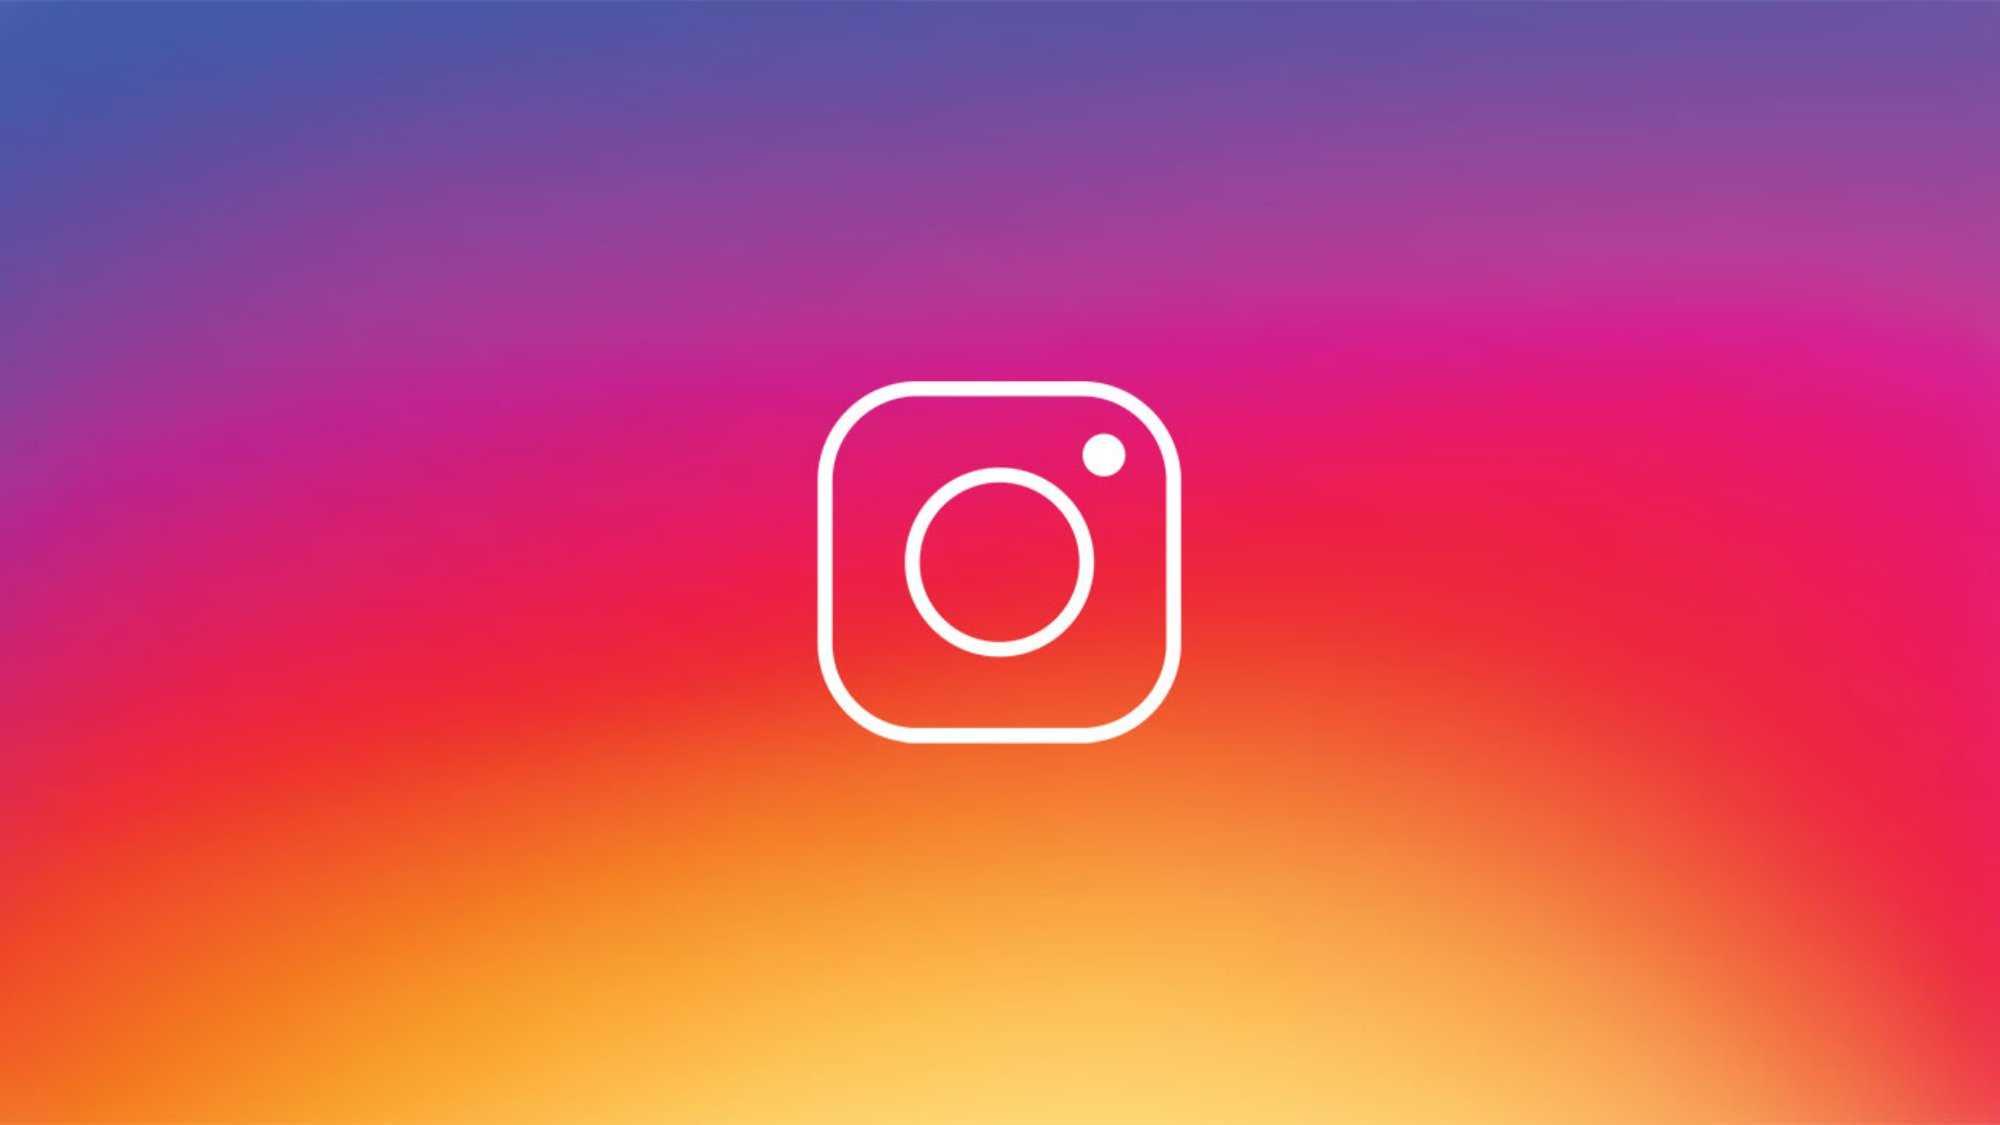 ¿Cómo puedo usar Instagram desde mi PC?